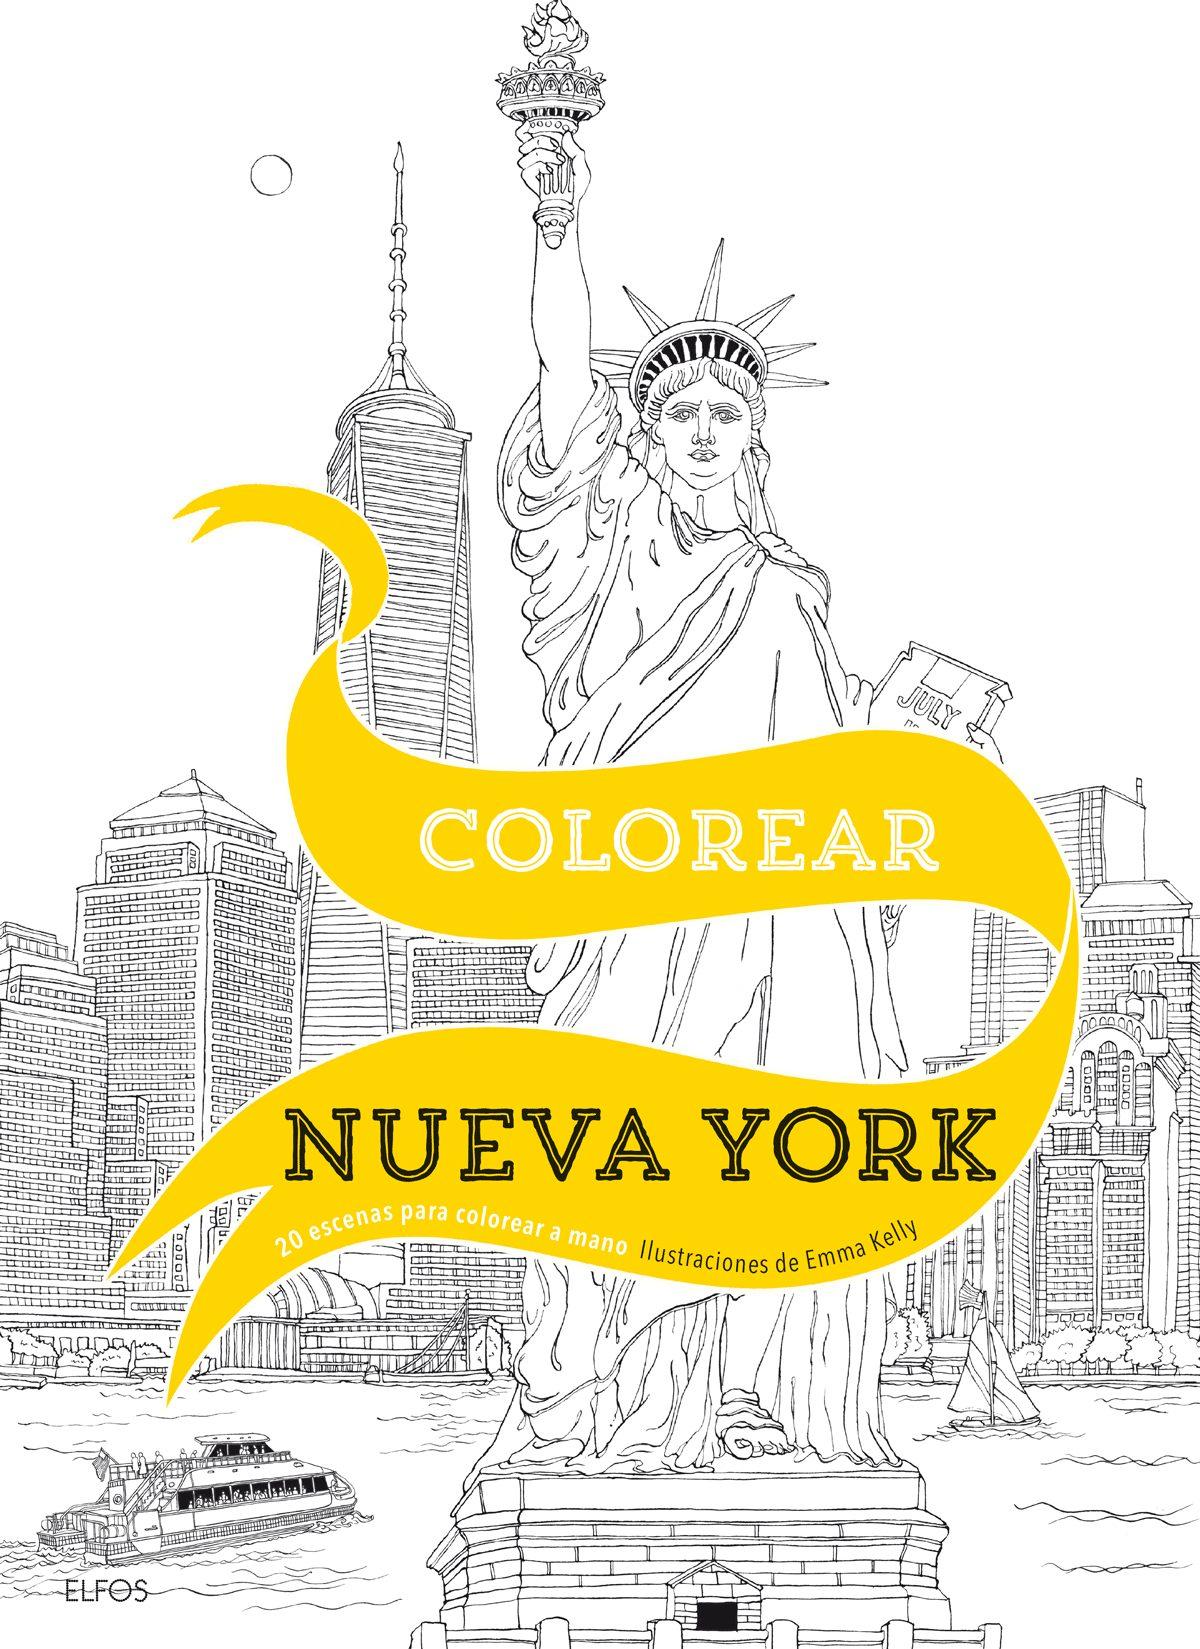 COLOREAR NUEVA YORK: 20 ESCENAS PARA COLOREAR A MANO | EMMA O KELLY ...